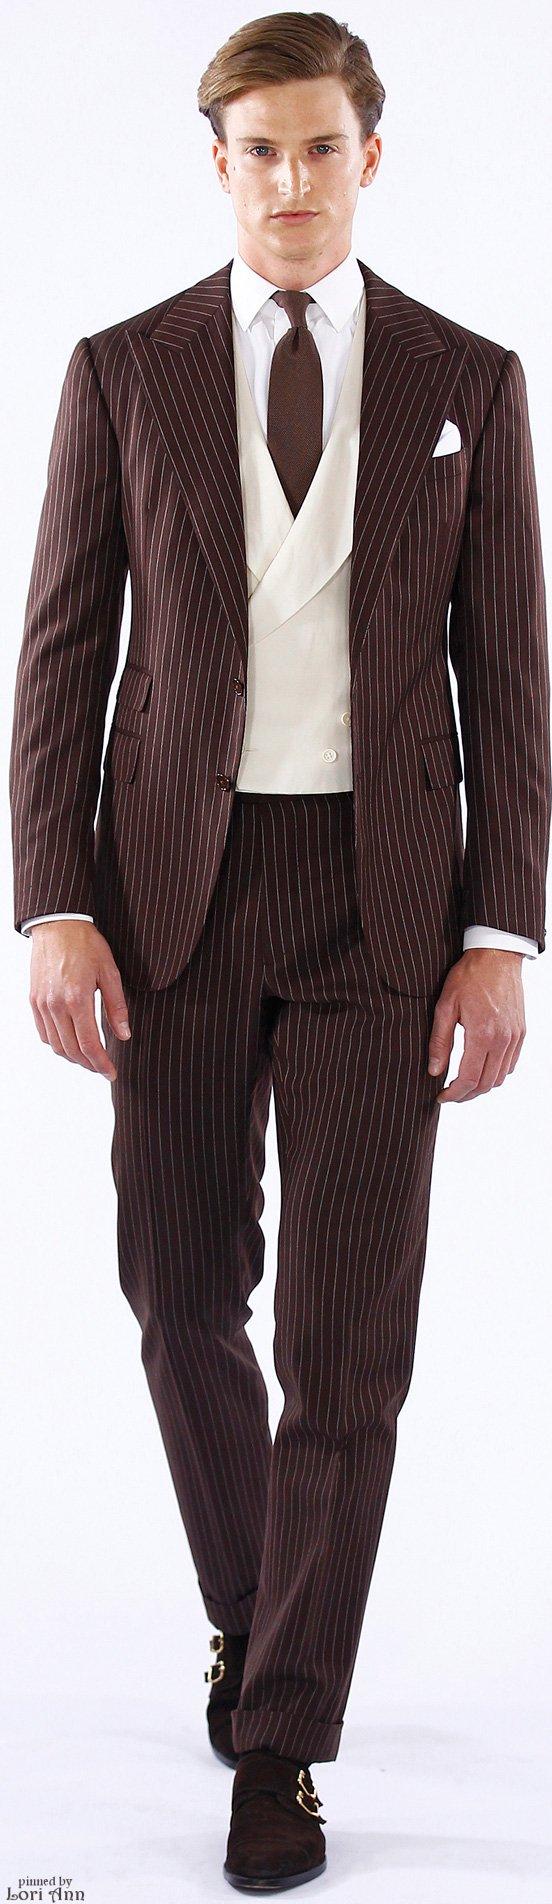 Ralph Lauren Spring 2016 | Men's Fashion & Style. Shop Menswear, Men's Clothes, Men's Apparel & Accessories at designerclothingfans.com